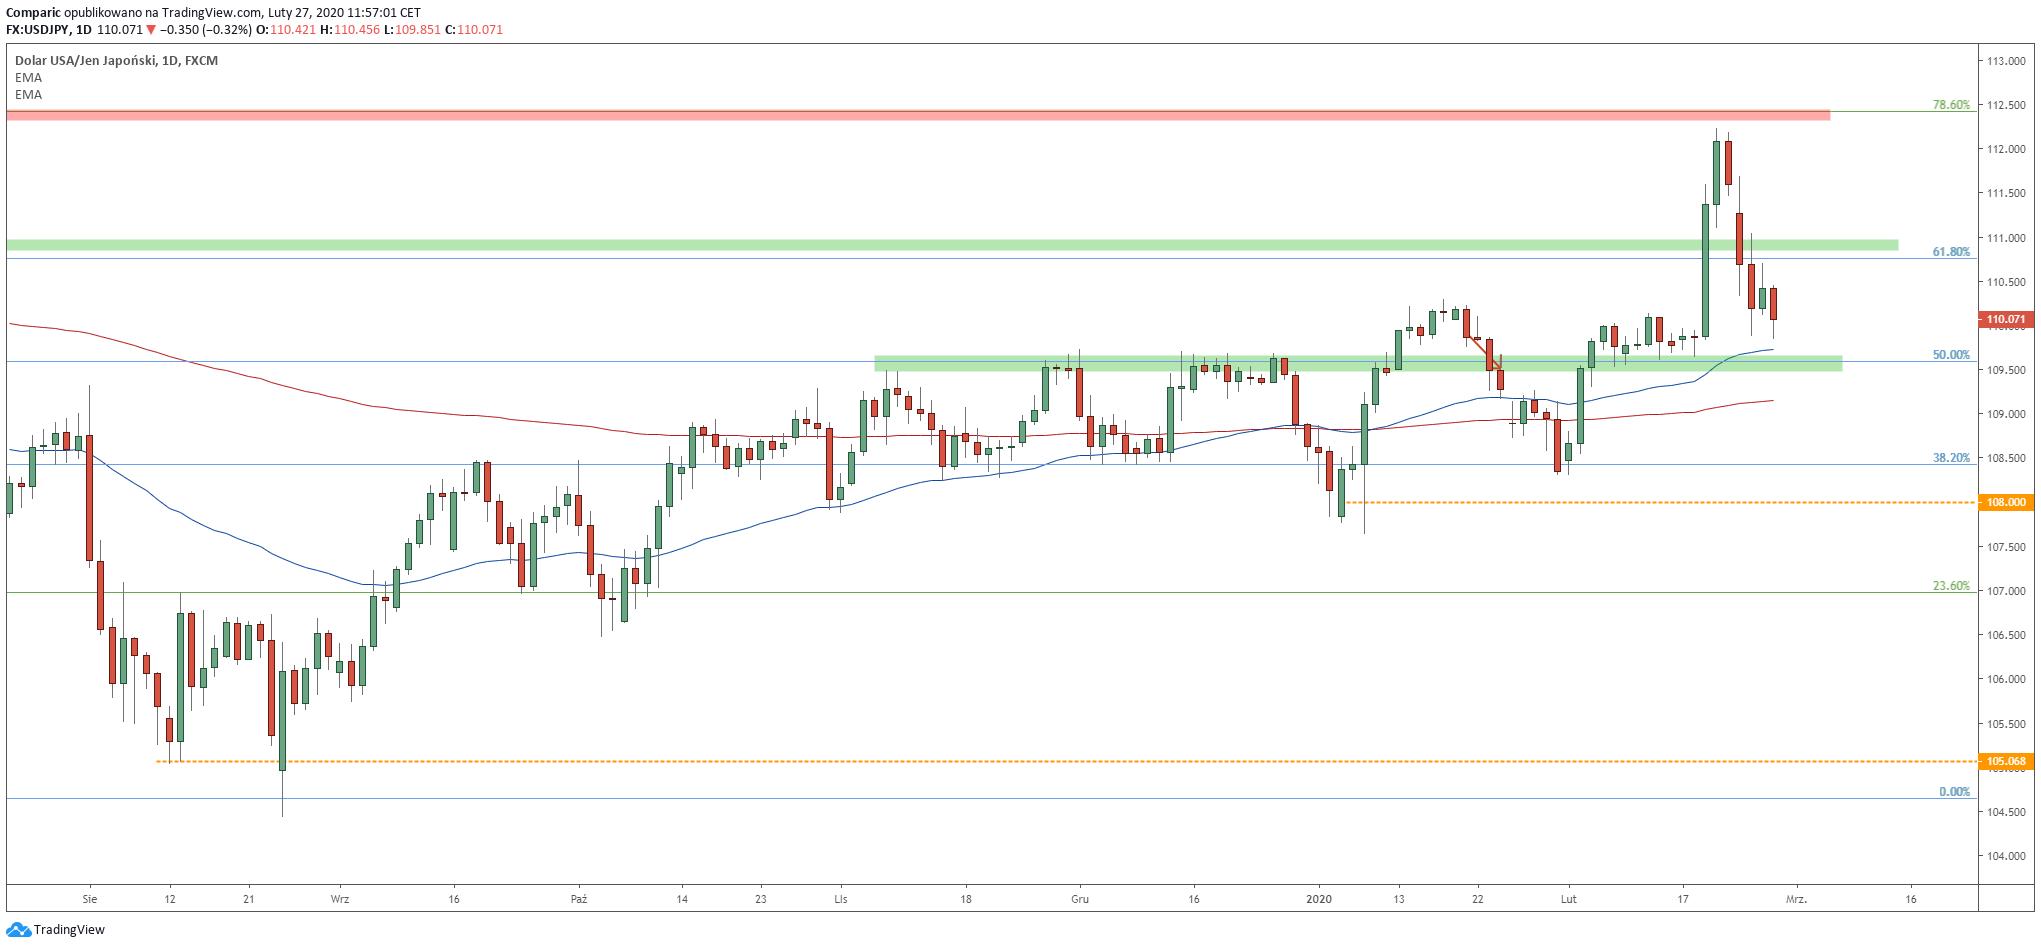 USD/JPY zdaniem CIBC może się osuwać w kierunku 105,00 w trzecim kwartale 2020 roku. Źródło: Tradingview.com